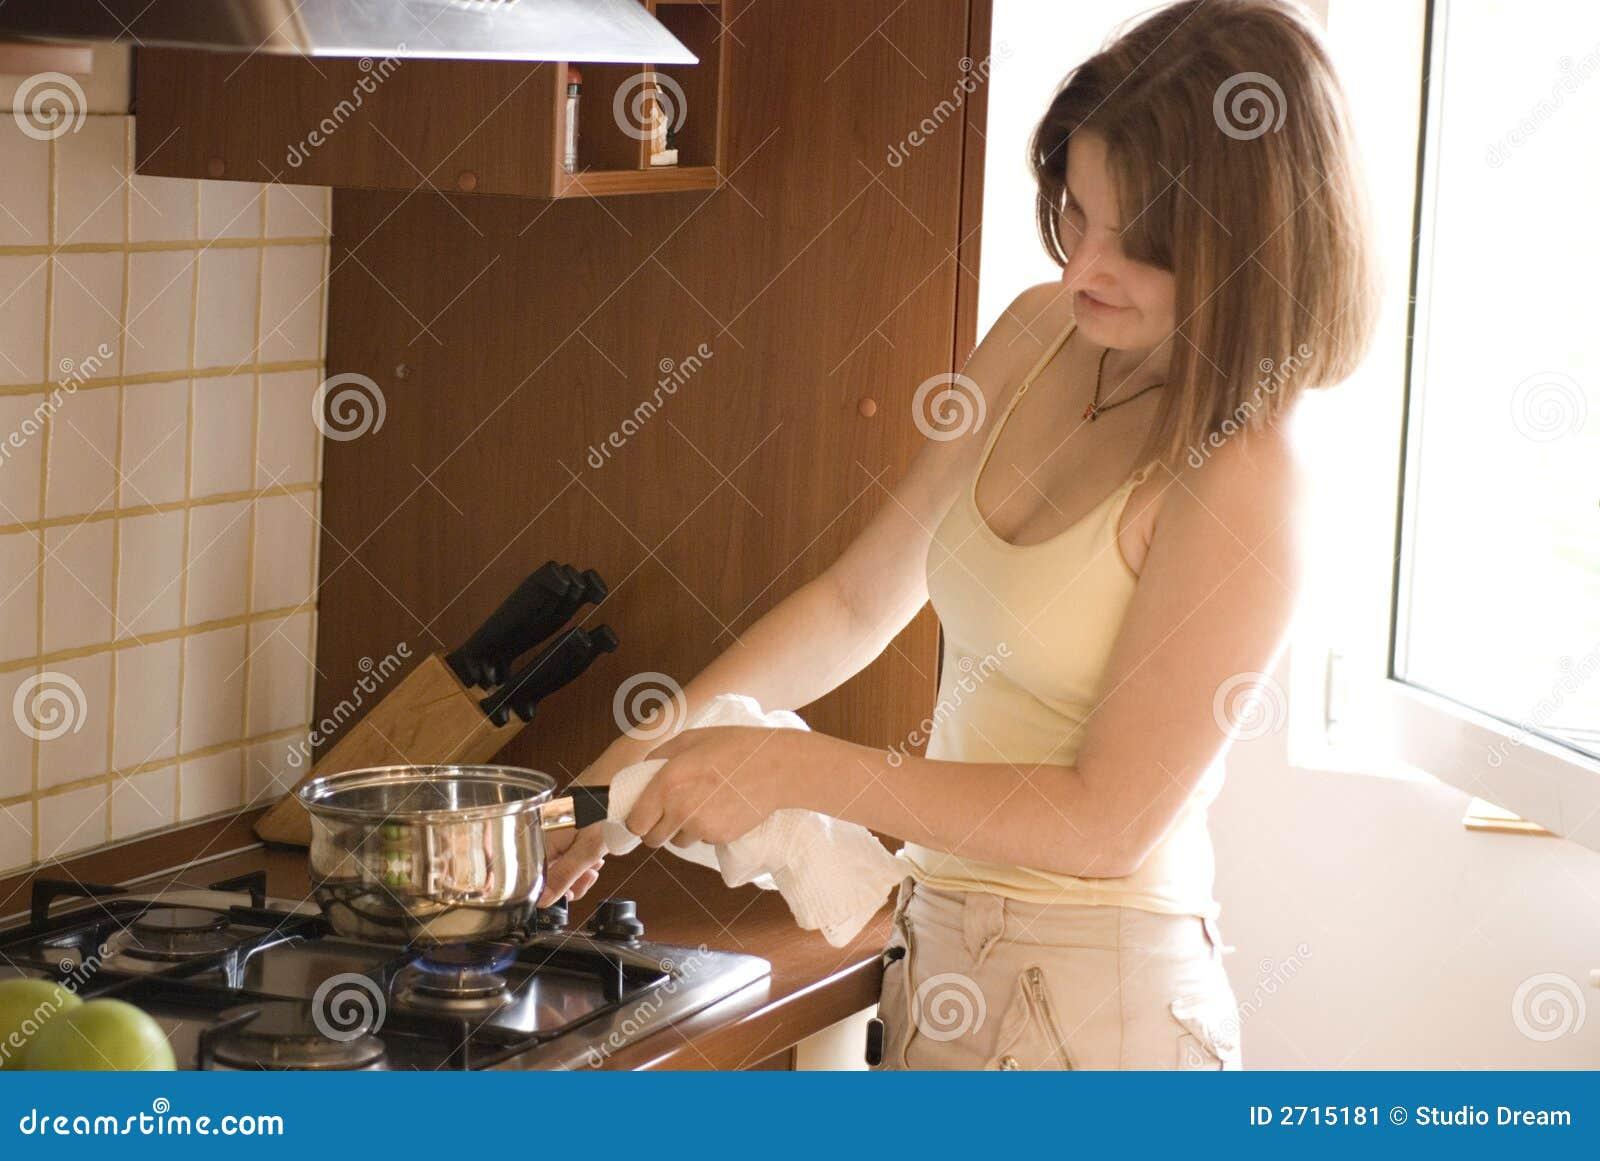 Mujer ocasional que cocina en estufa